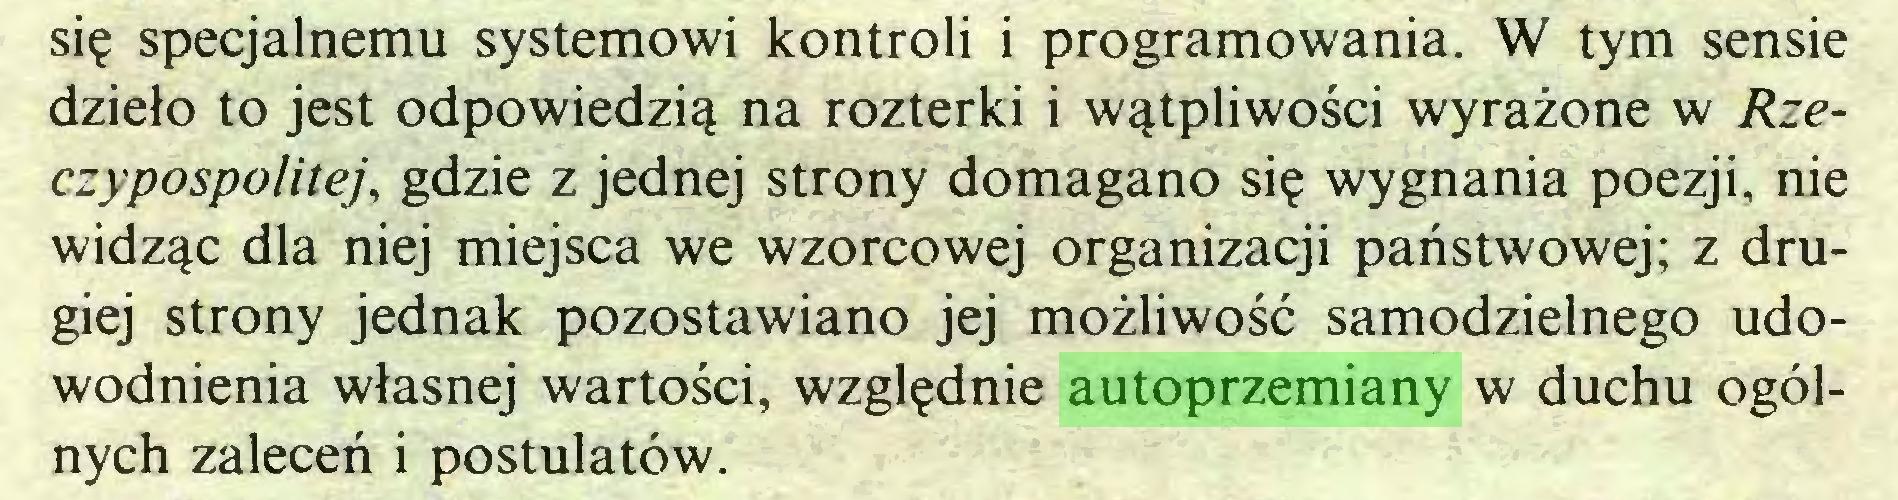 (...) się specjalnemu systemowi kontroli i programowania. W tym sensie dzieło to jest odpowiedzią na rozterki i wątpliwości wyrażone w Rzeczypospolitej, gdzie z jednej strony domagano się wygnania poezji, nie widząc dla niej miejsca we wzorcowej organizacji państwowej; z drugiej strony jednak pozostawiano jej możliwość samodzielnego udowodnienia własnej wartości, względnie autoprzemiany w duchu ogólnych zaleceń i postulatów...